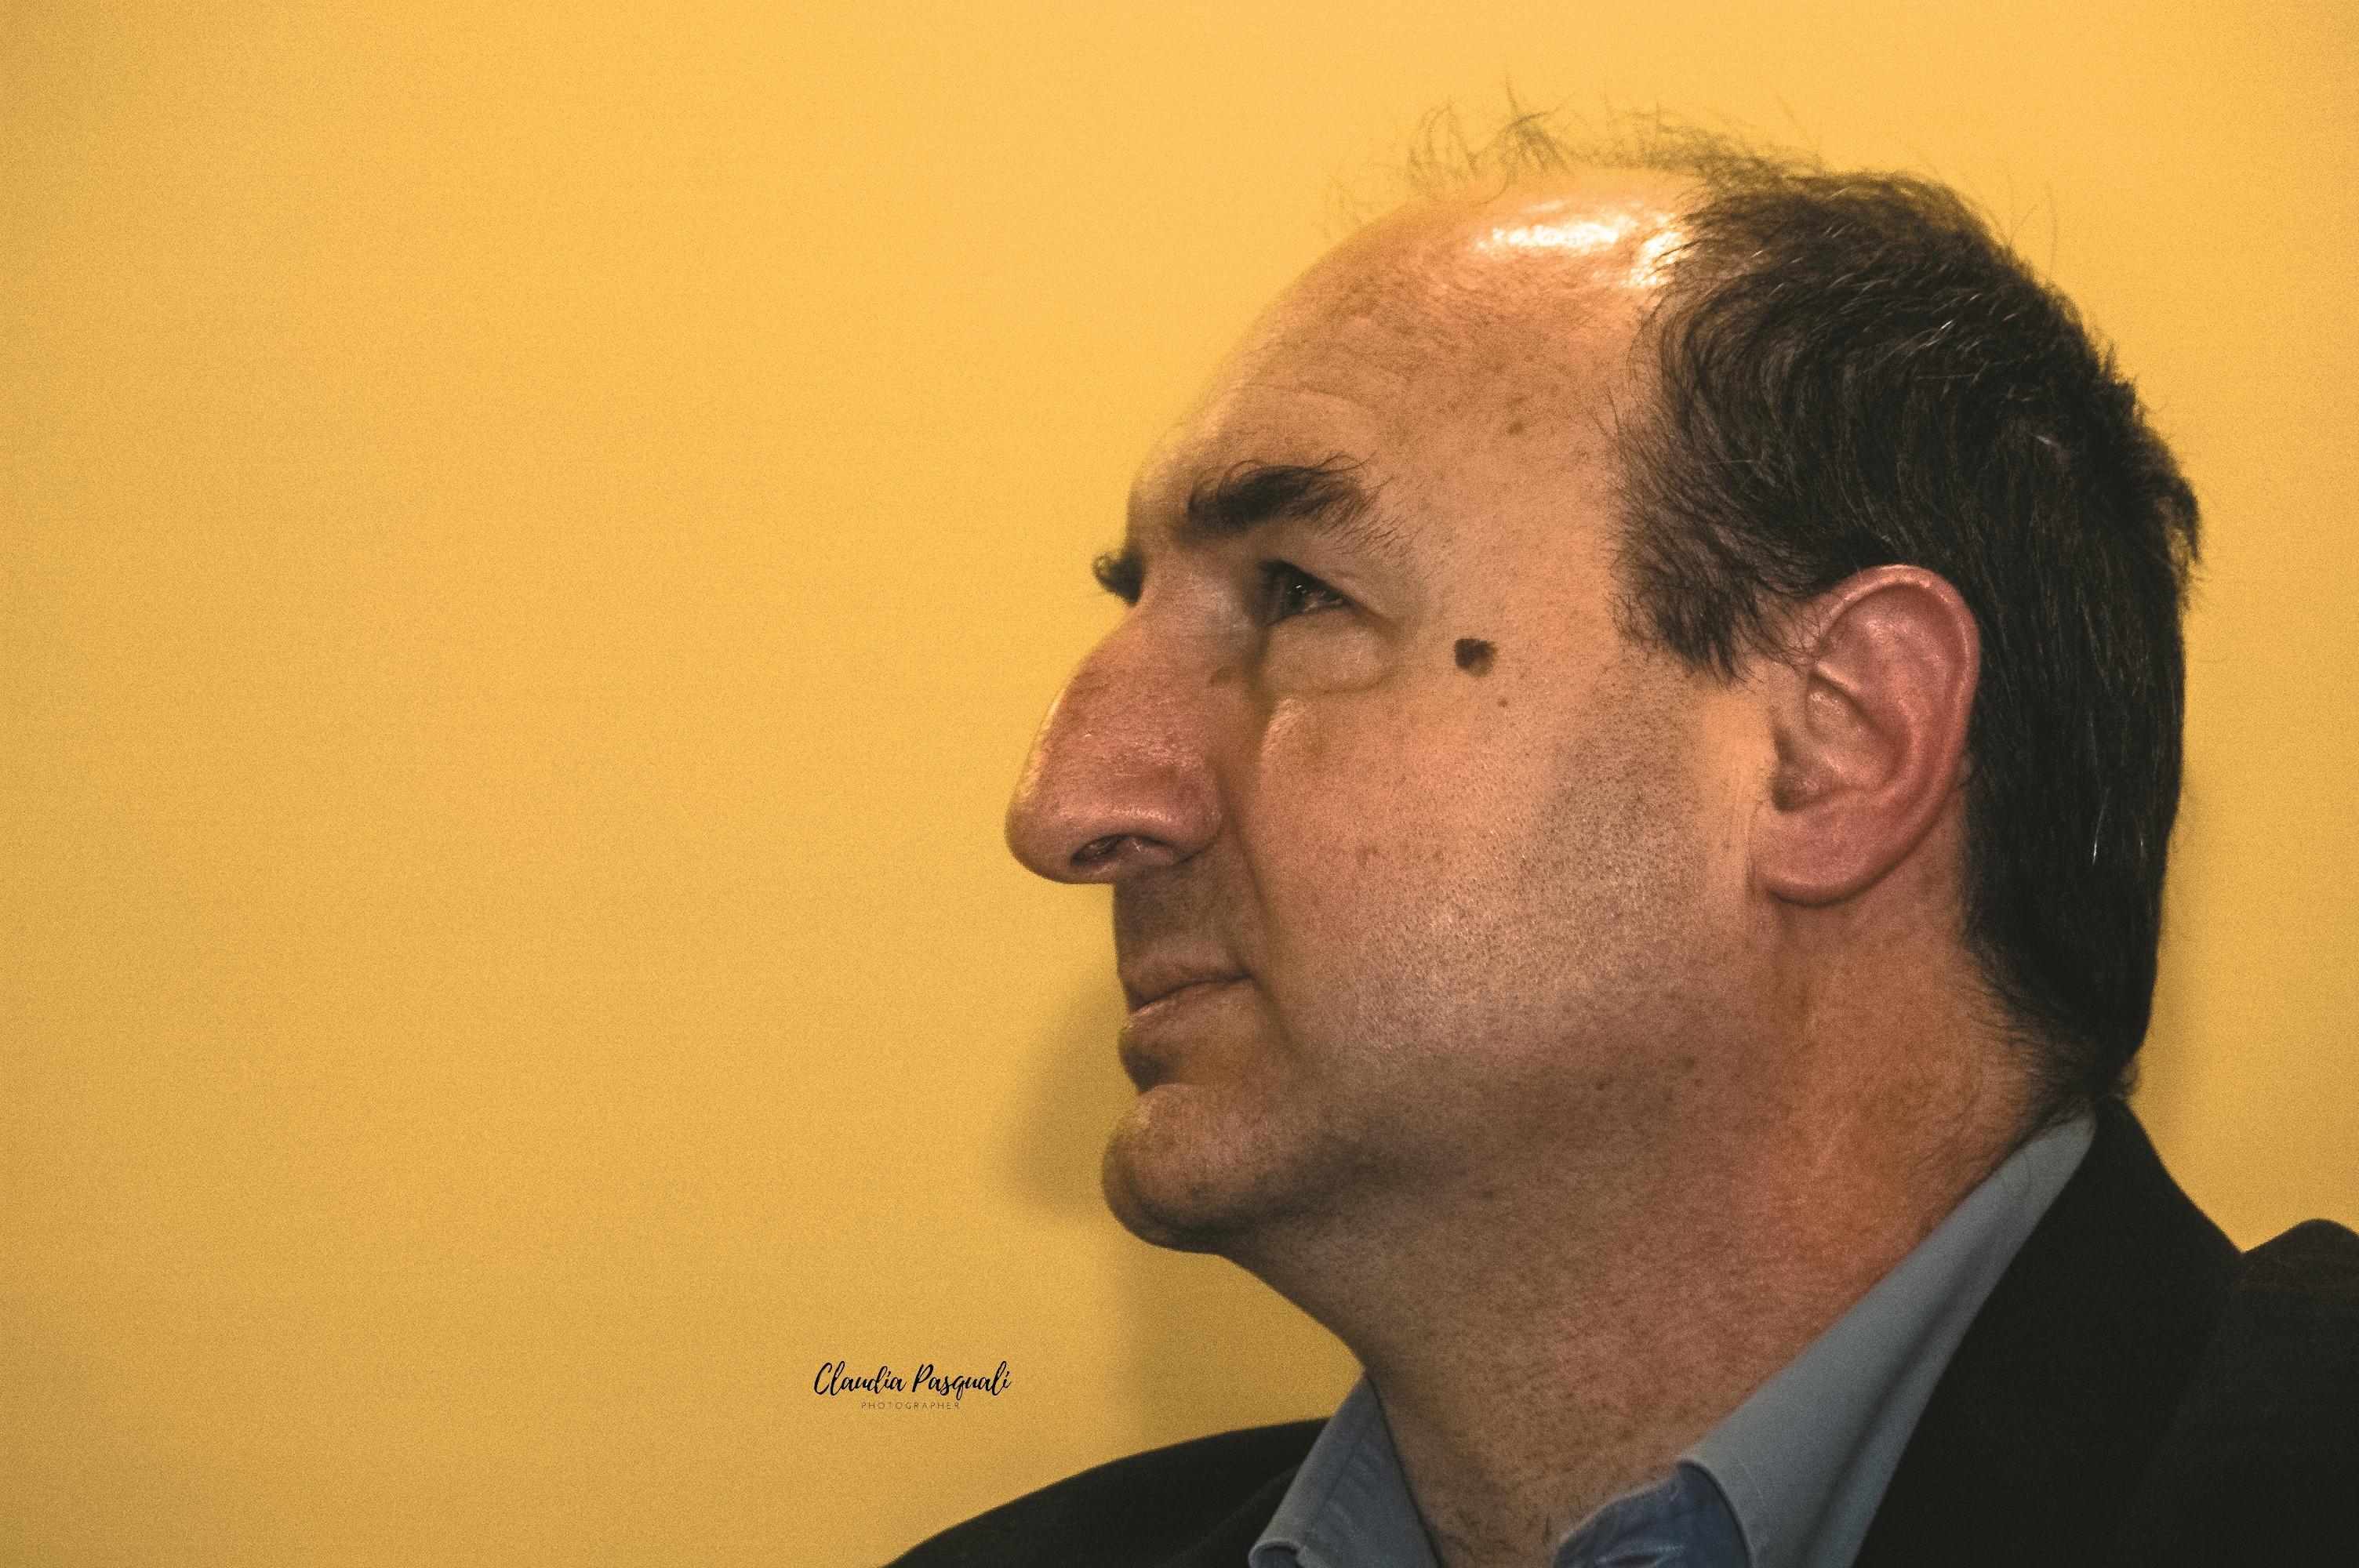 """Presentazione del libro di Marco Forneris """"Il Cinema de Il Calendario del Popolo"""" a Più Libri Più Liberi. Nella foto: Silvio Celli."""